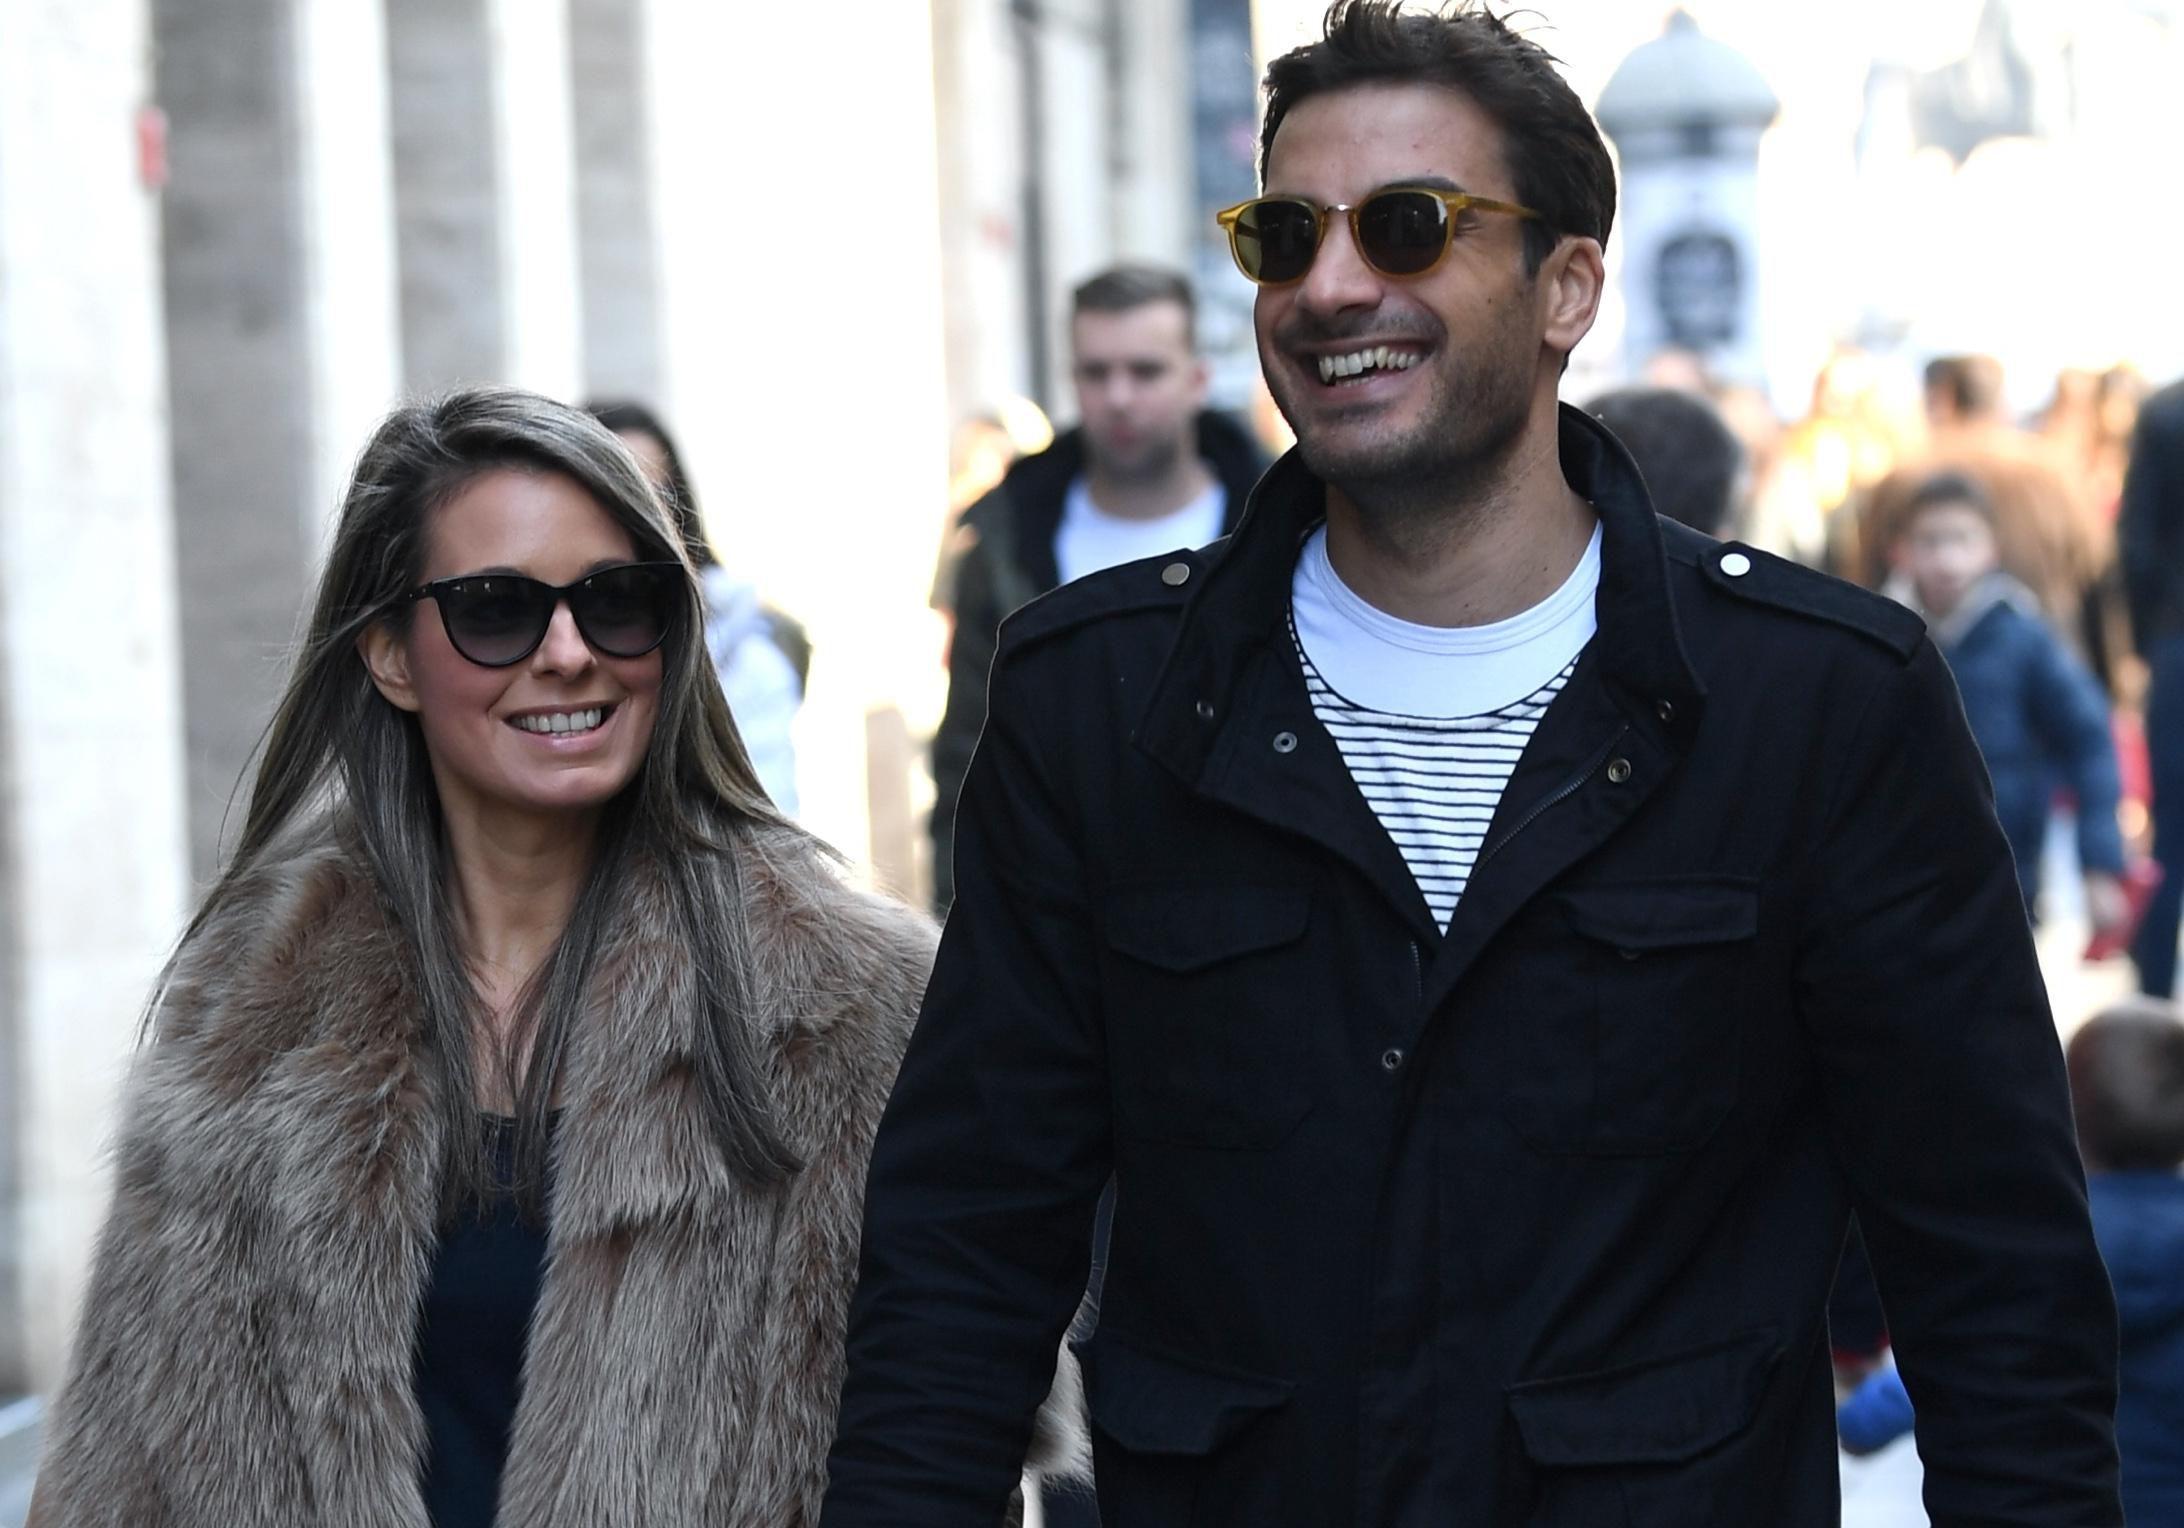 Nasmiješeni, stylish i zgodni: ovaj par na špici nas je oduševio!